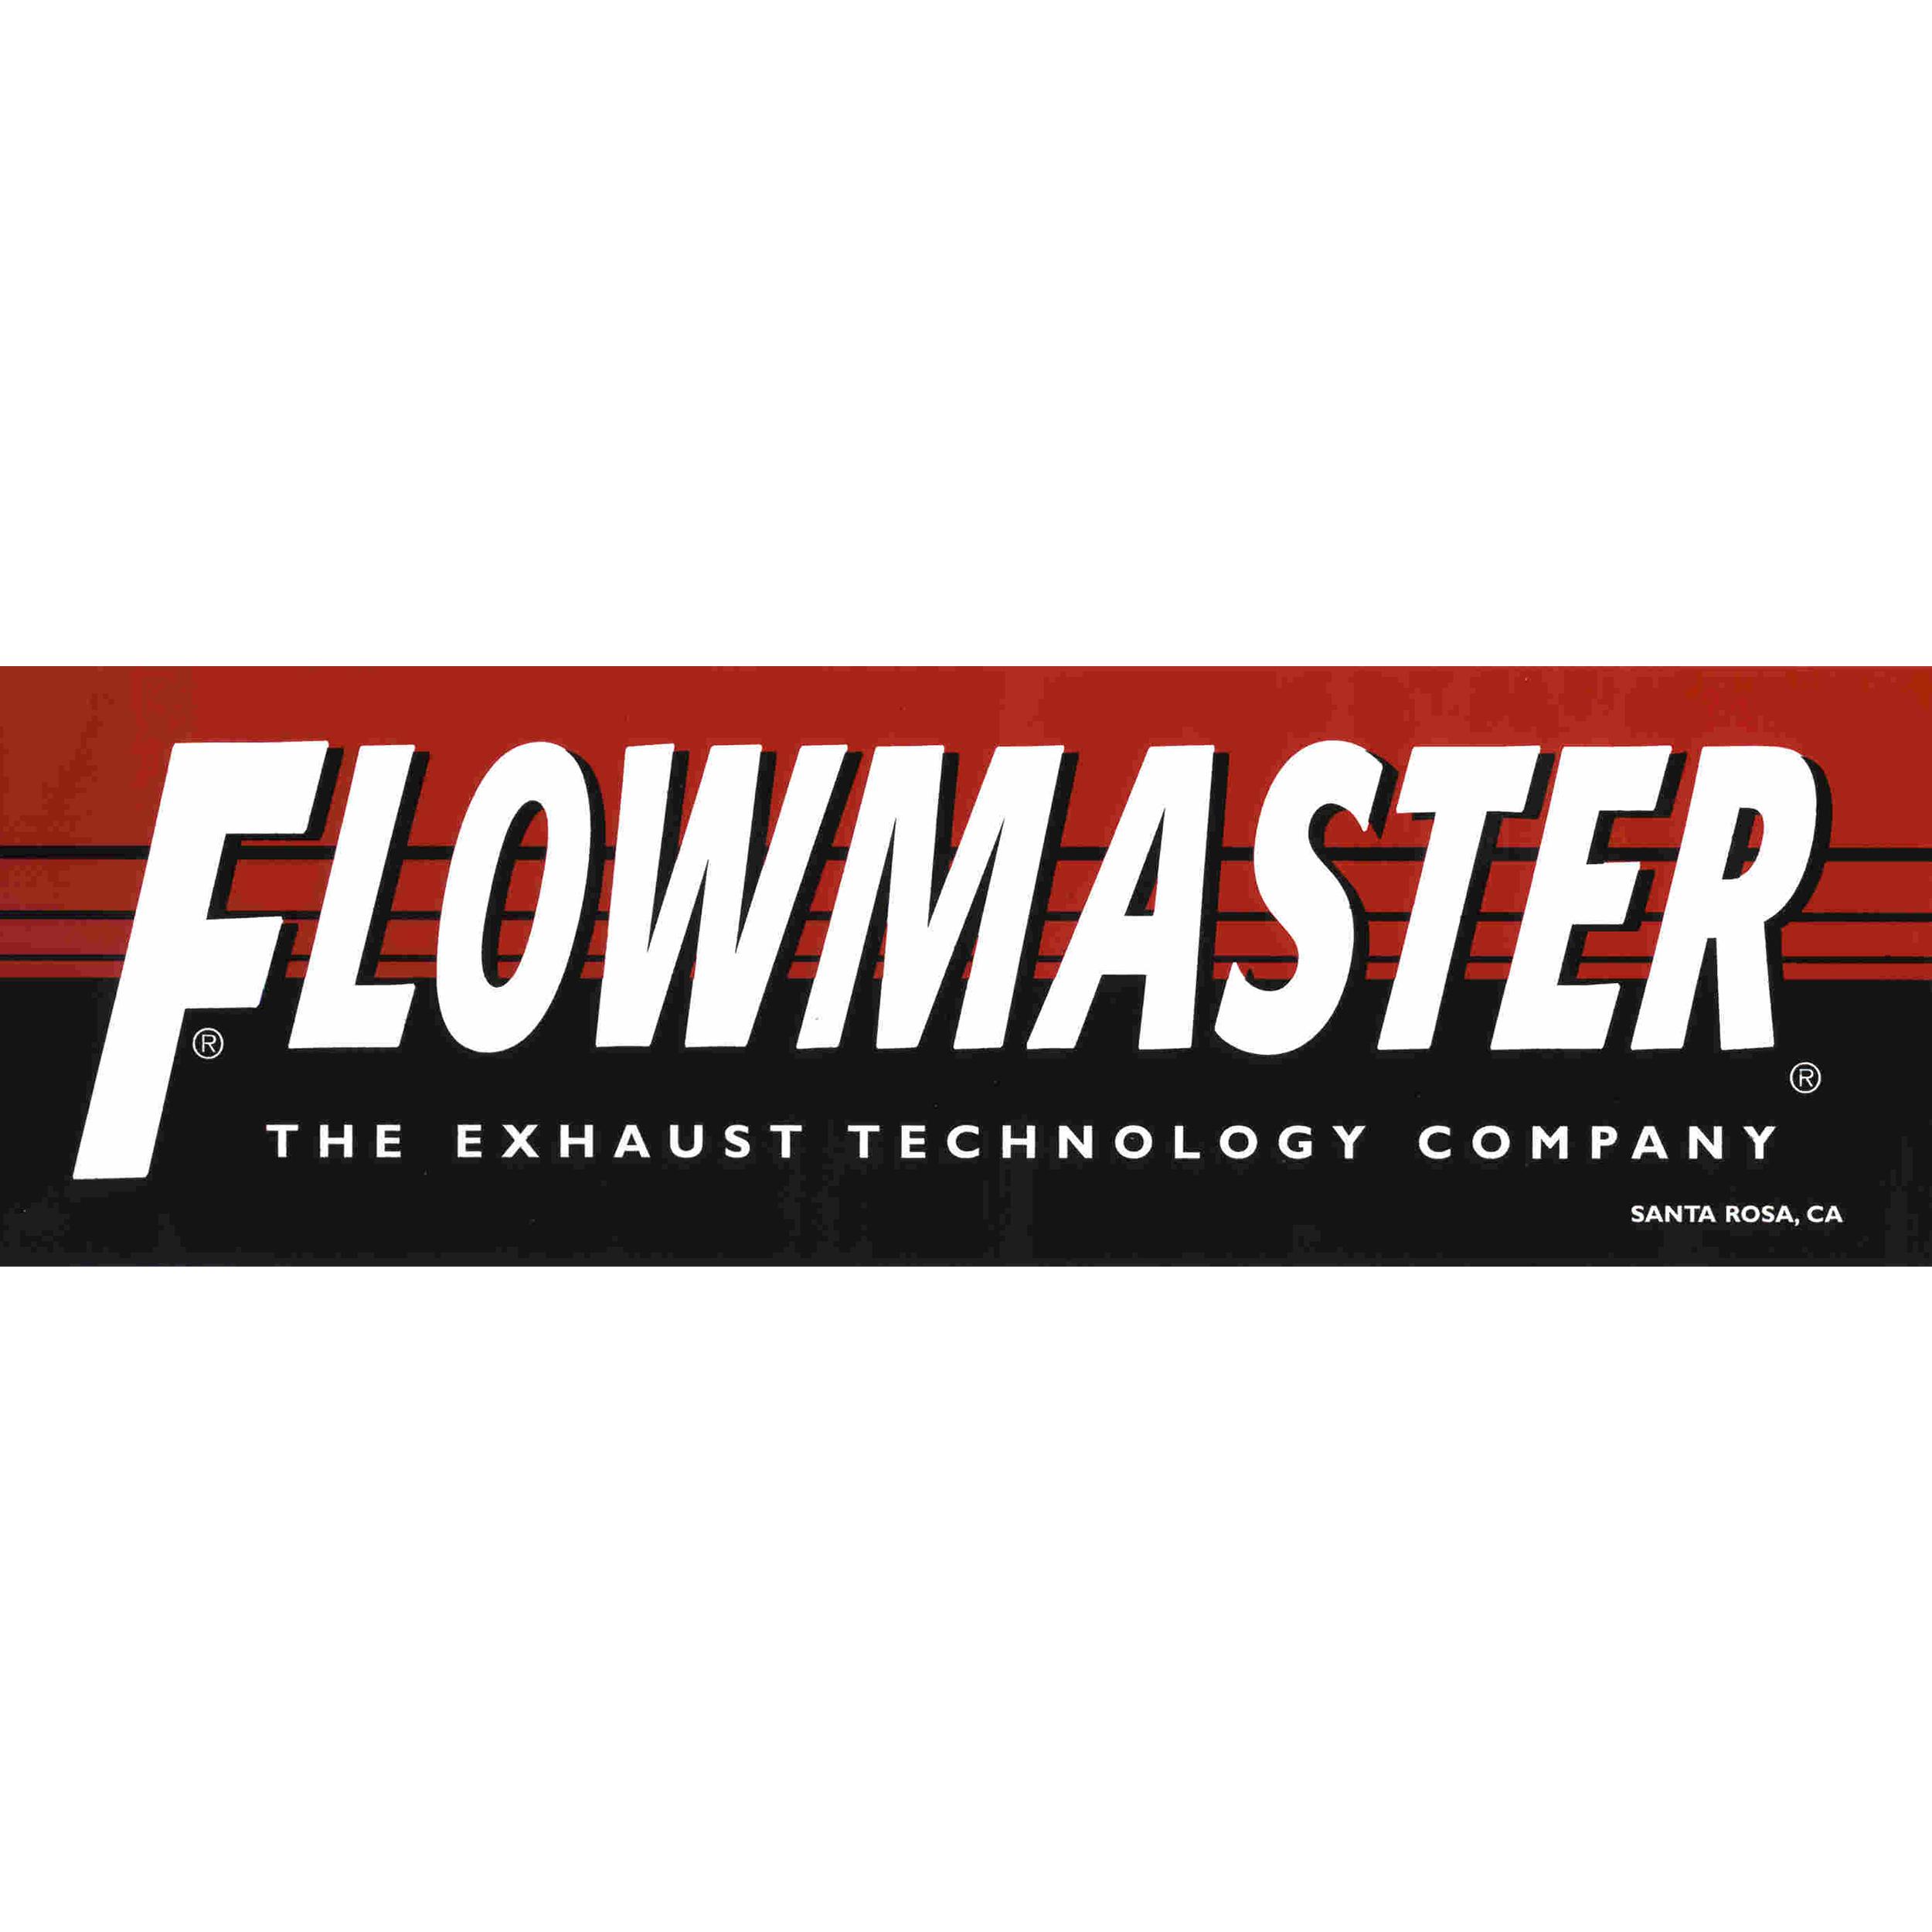 Flowmaster Square Logo.jpg